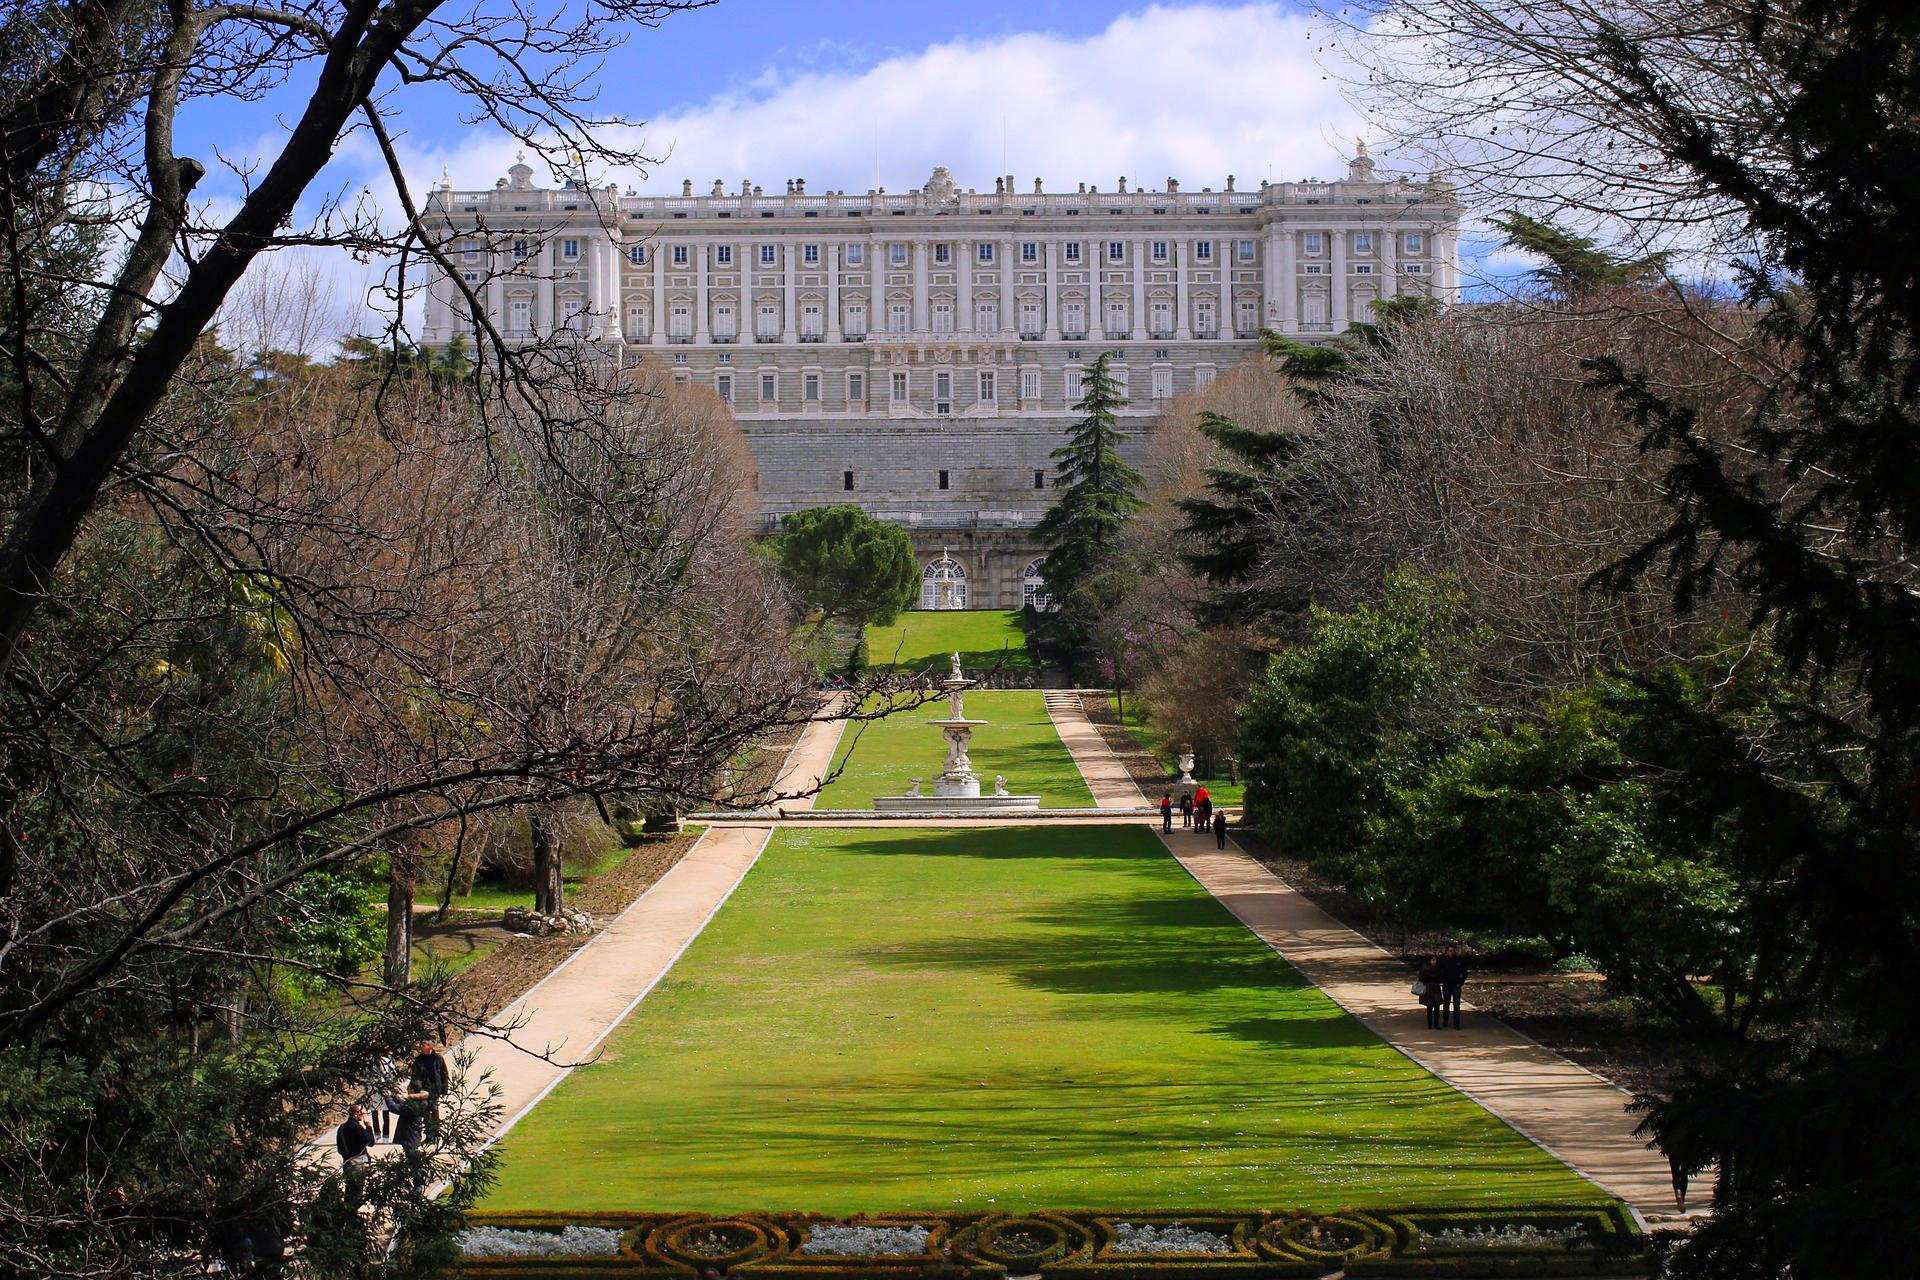 Qué hacer y ver en Madrid en un fin de semana madrid en un fin de semana - 34567309160 9132682627 o - Qué hacer y ver en Madrid en un fin de semana